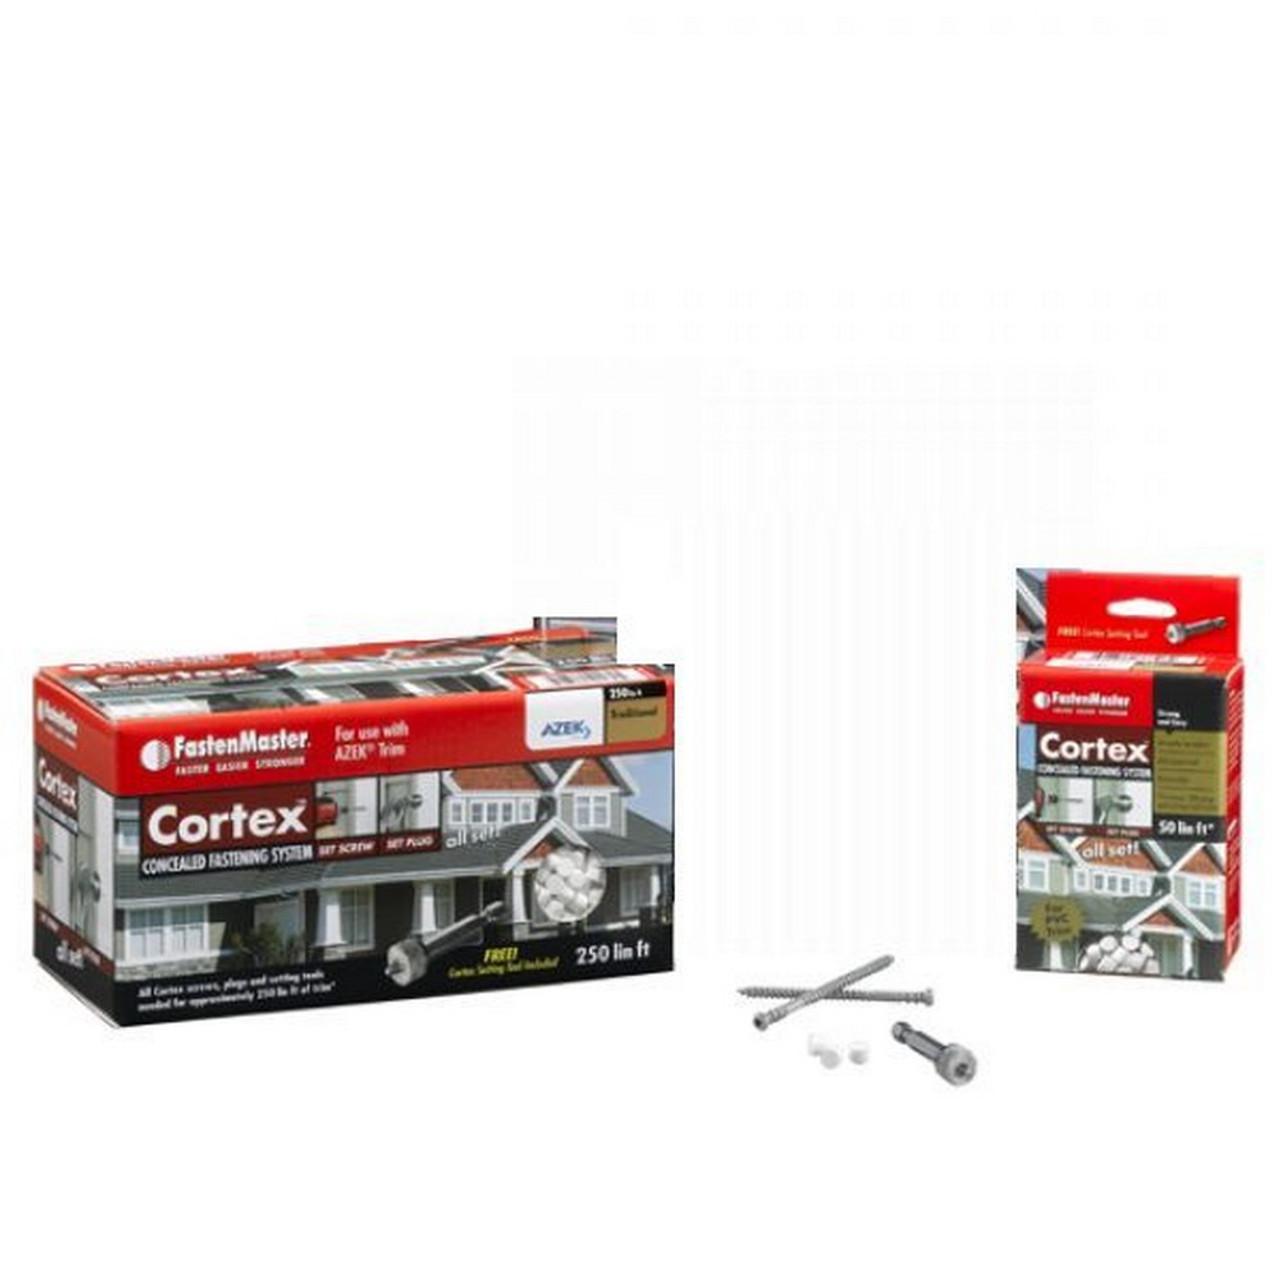 Cortex Hidden Fastener White Textured Screw Packs